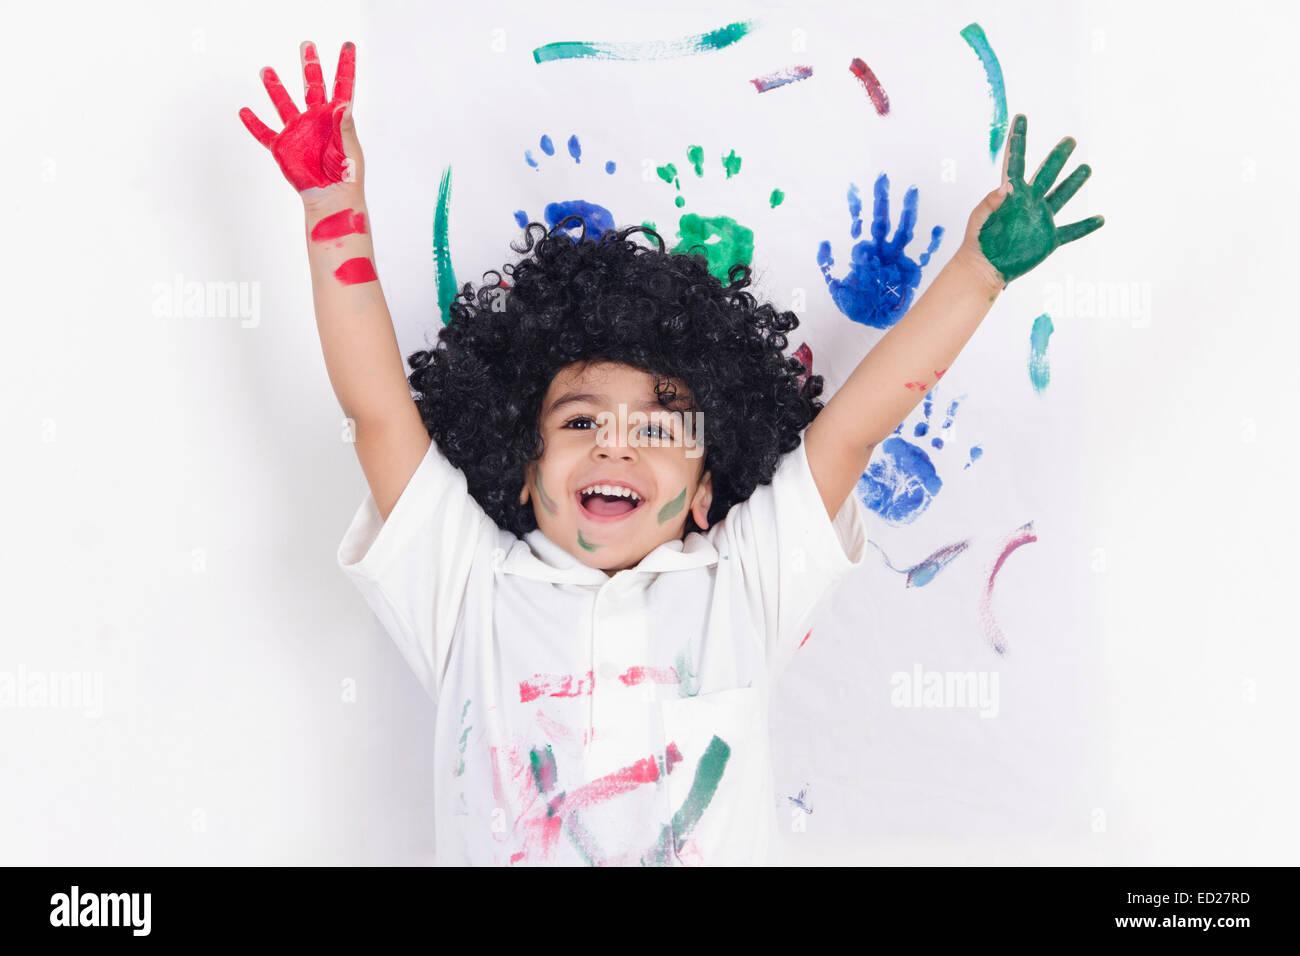 1 garçon enfant indien mur Peinture Banque D'Images